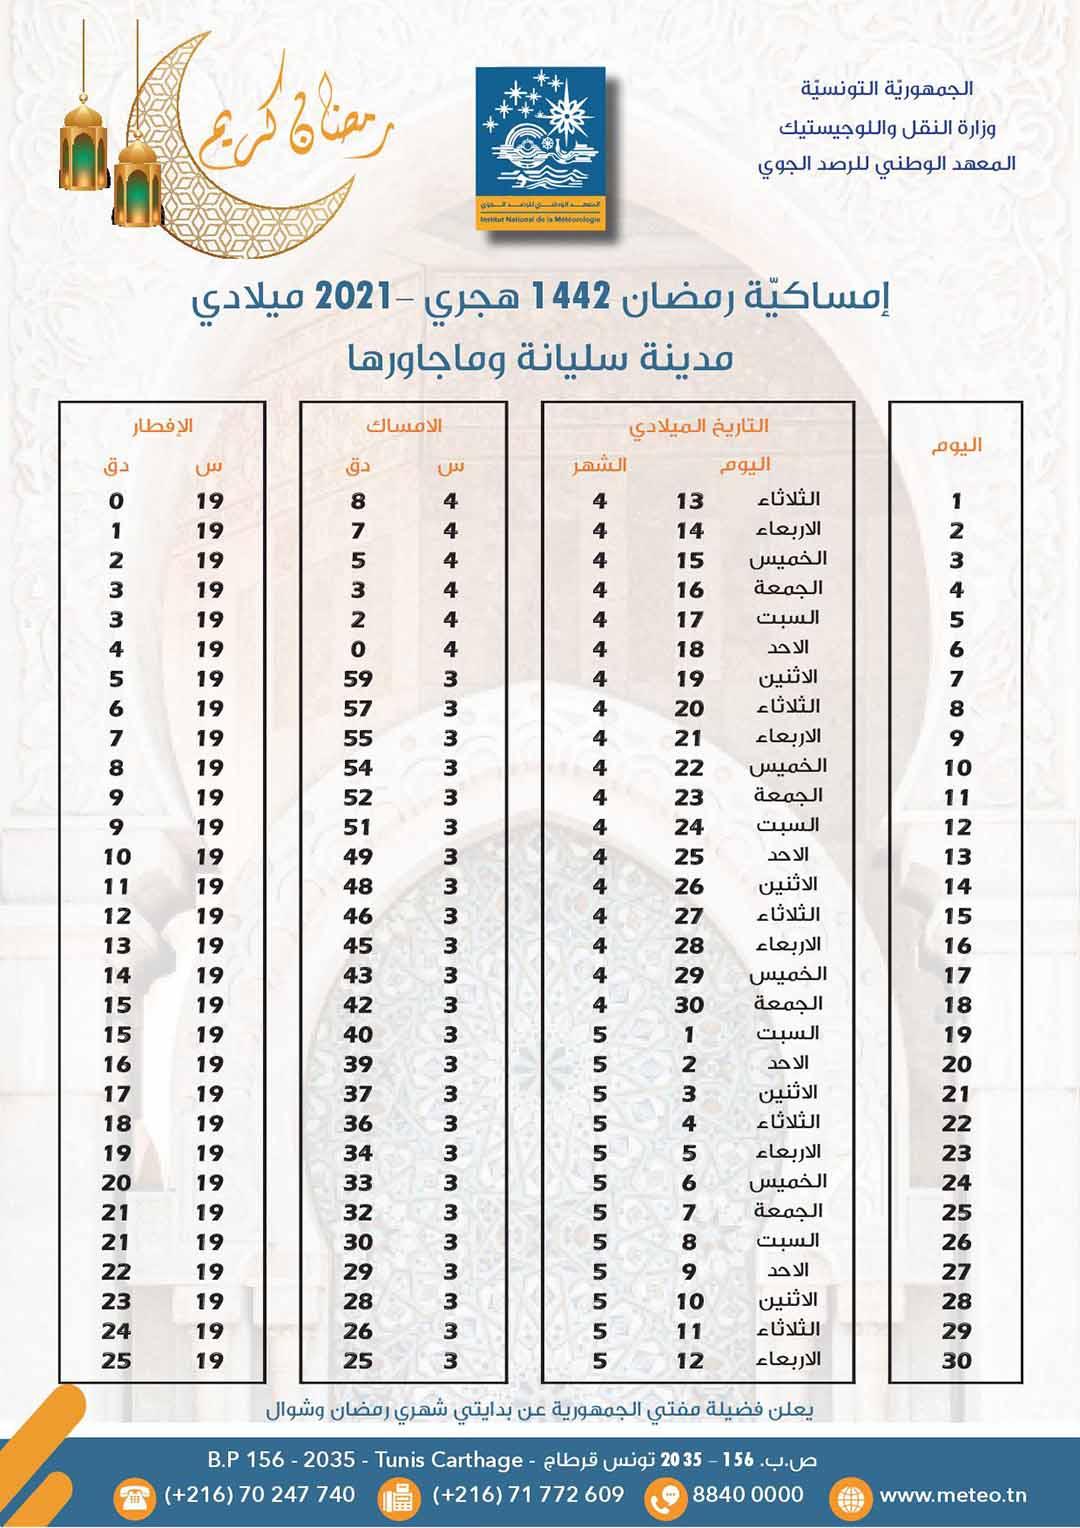 مواعيد الافطار و السحور في ولاية سليانة رمضان 2021 1 - هام: مواعيد الافطار والامساك لشهر رمضان حسب الولايات..